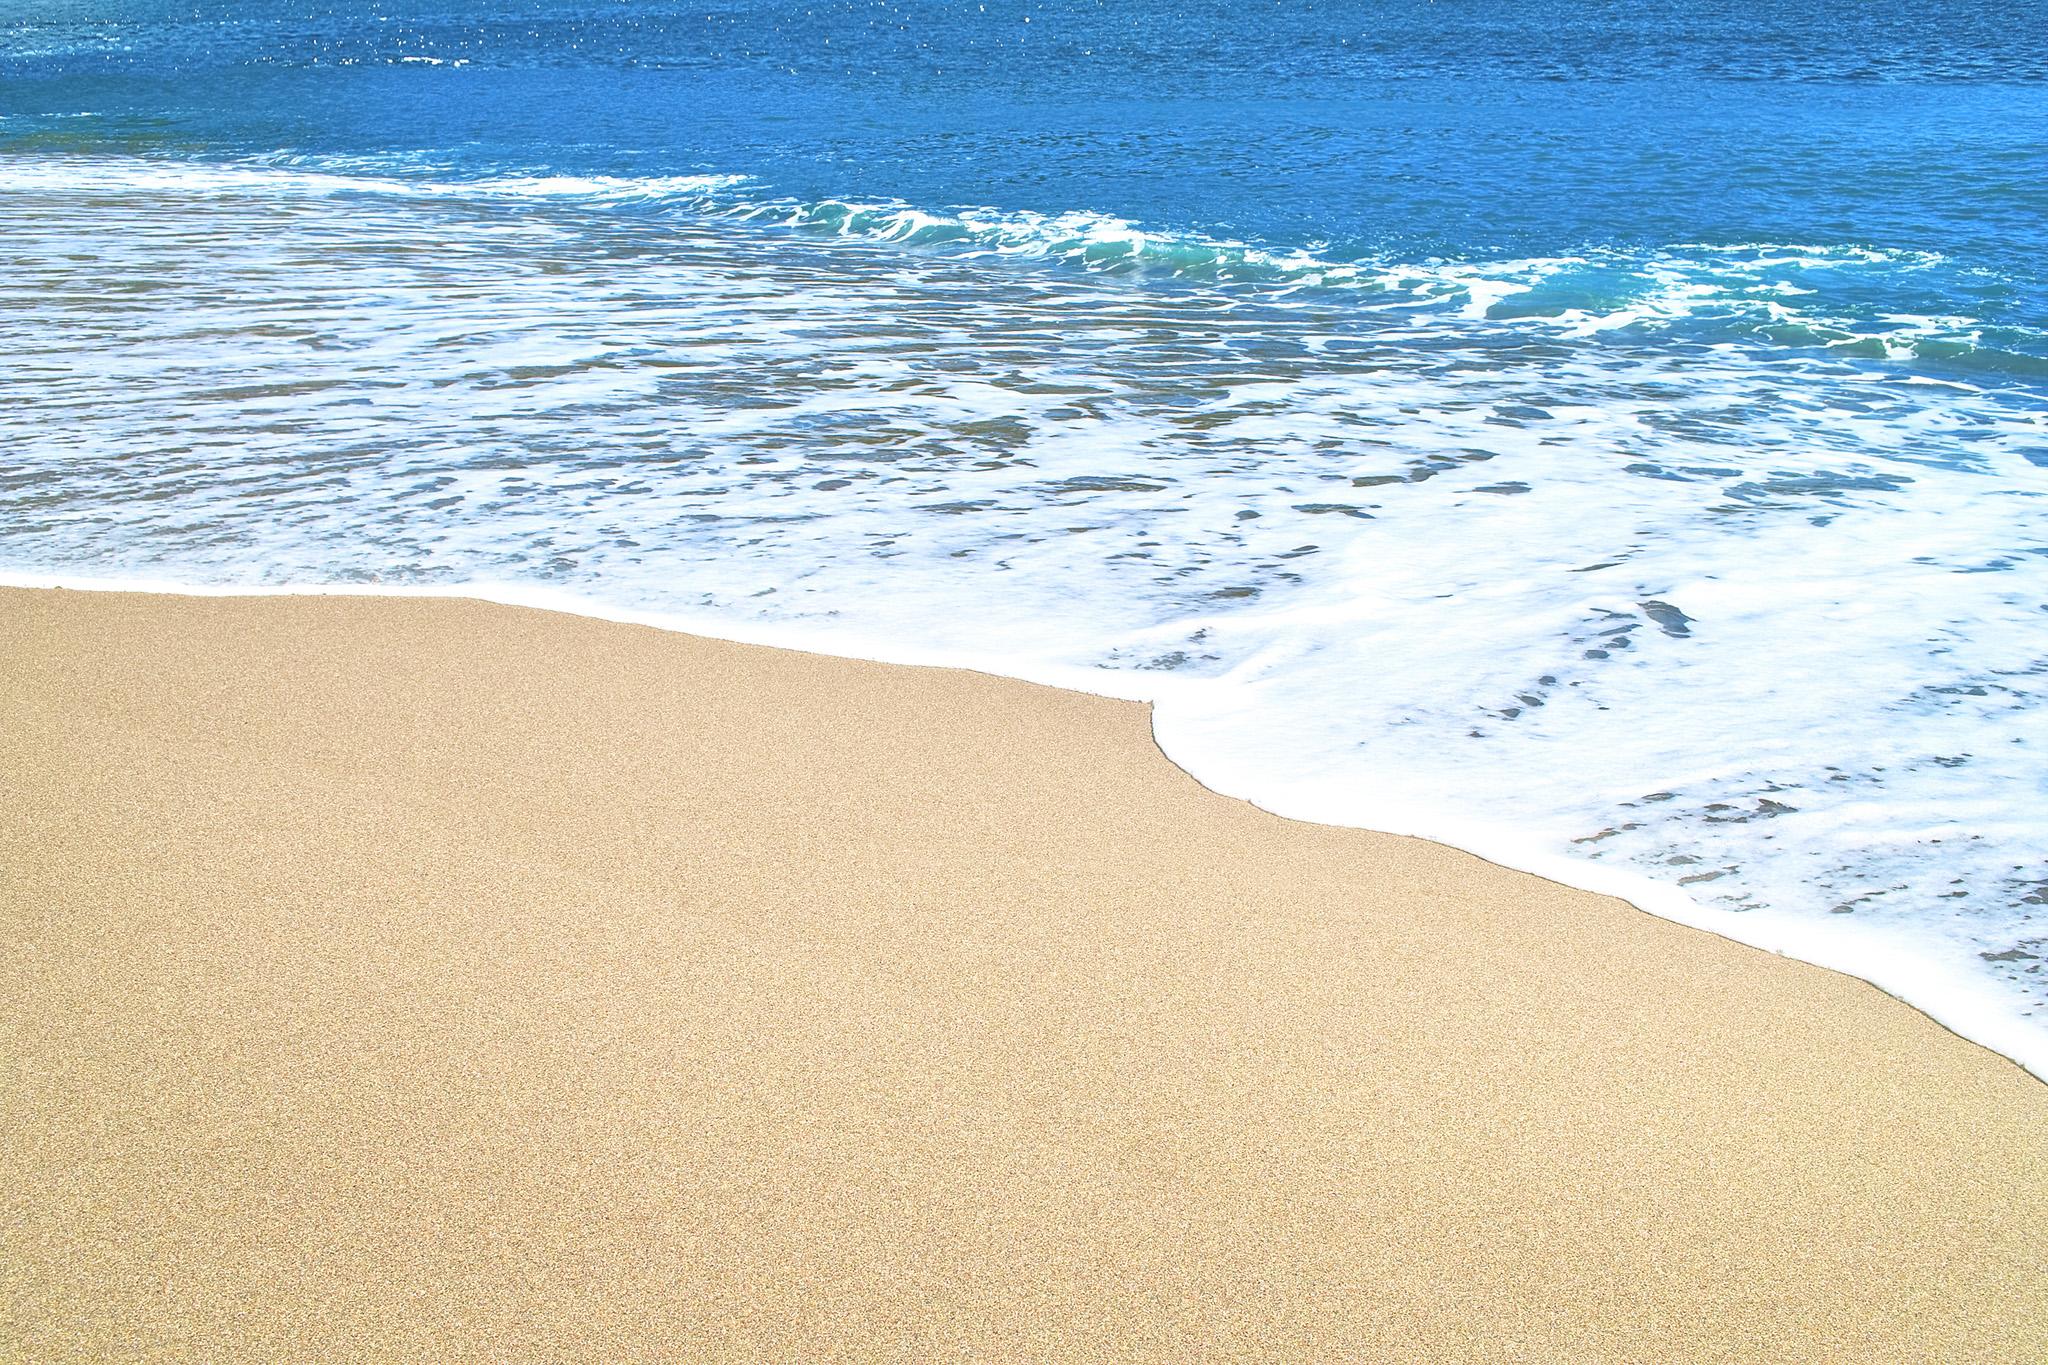 「波が押し寄せるビーチ」